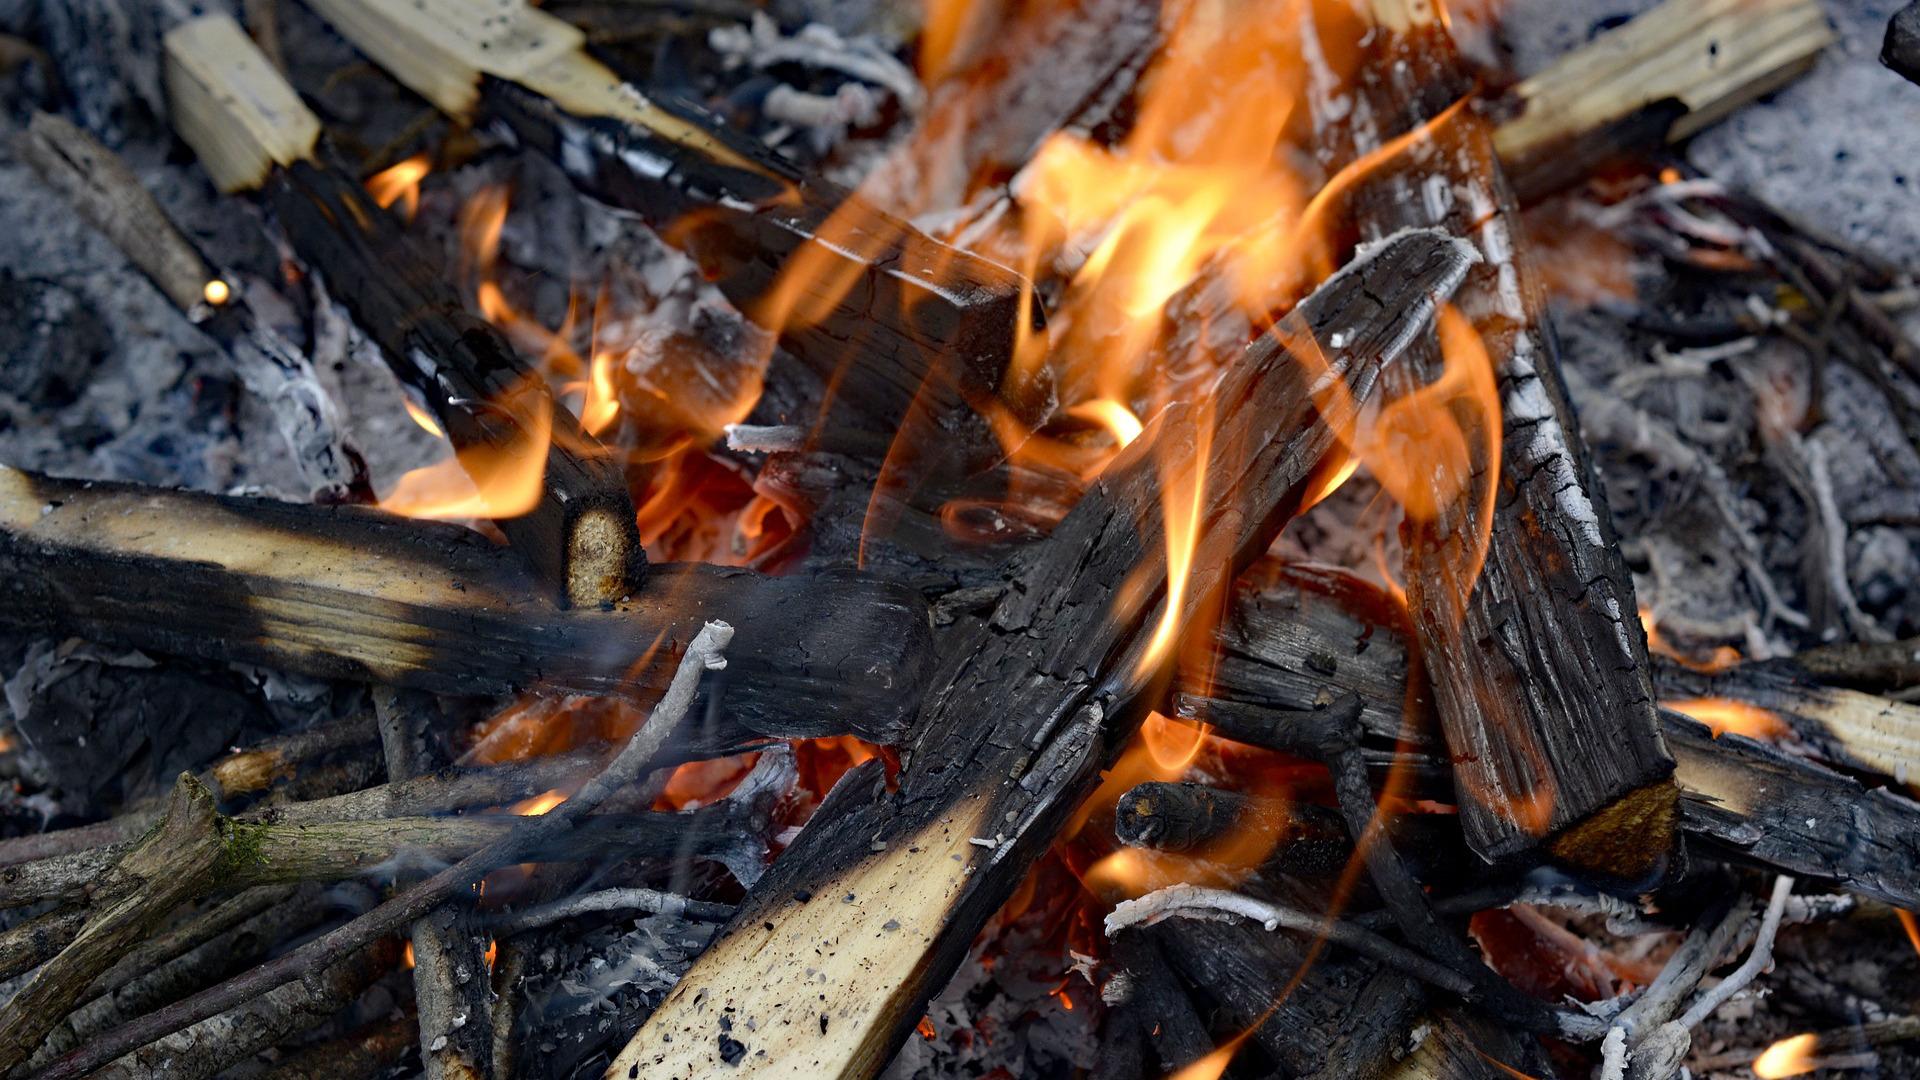 desde-hoy-se-podran-realizar-de-nuevo-quemas-de-restos-agricolas-y-forestales-1920